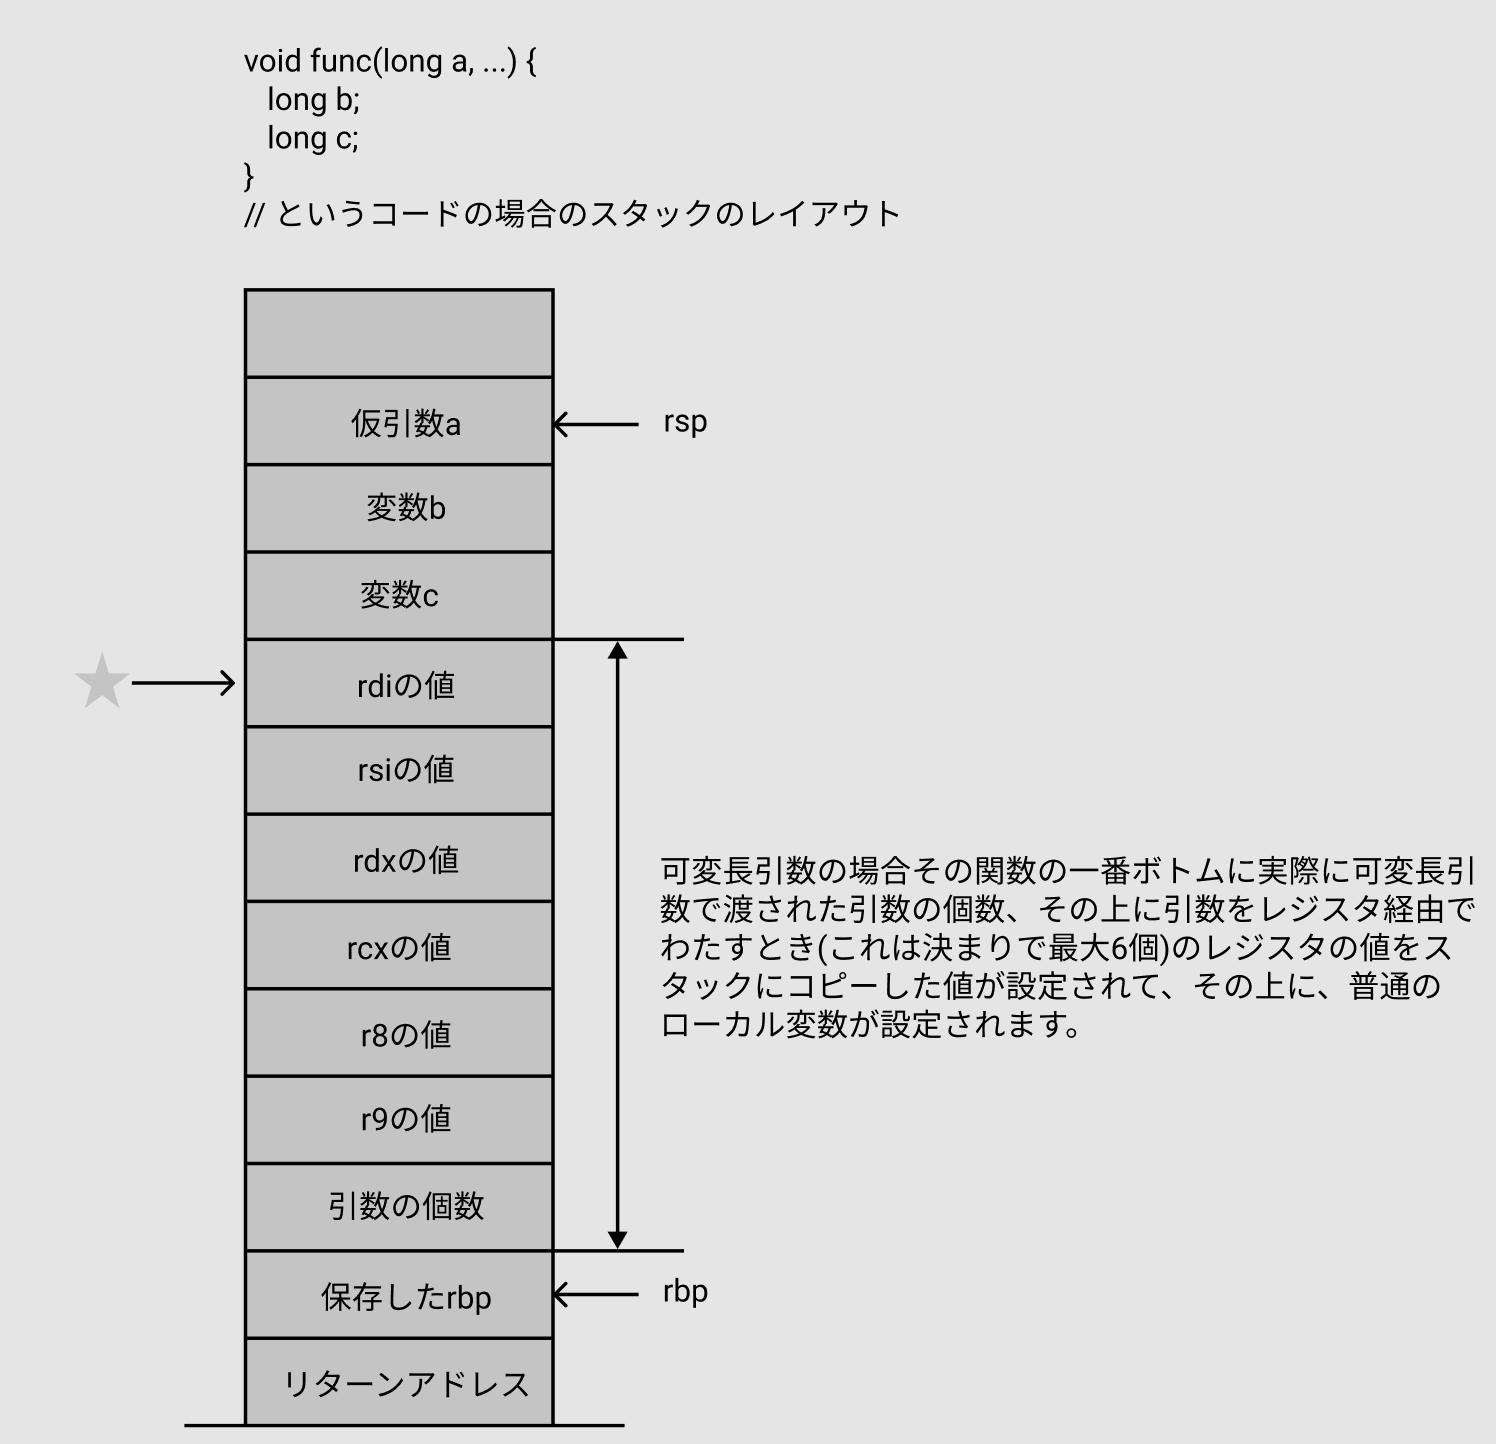 スクリーンショット 2020-09-01 2.16.07.png